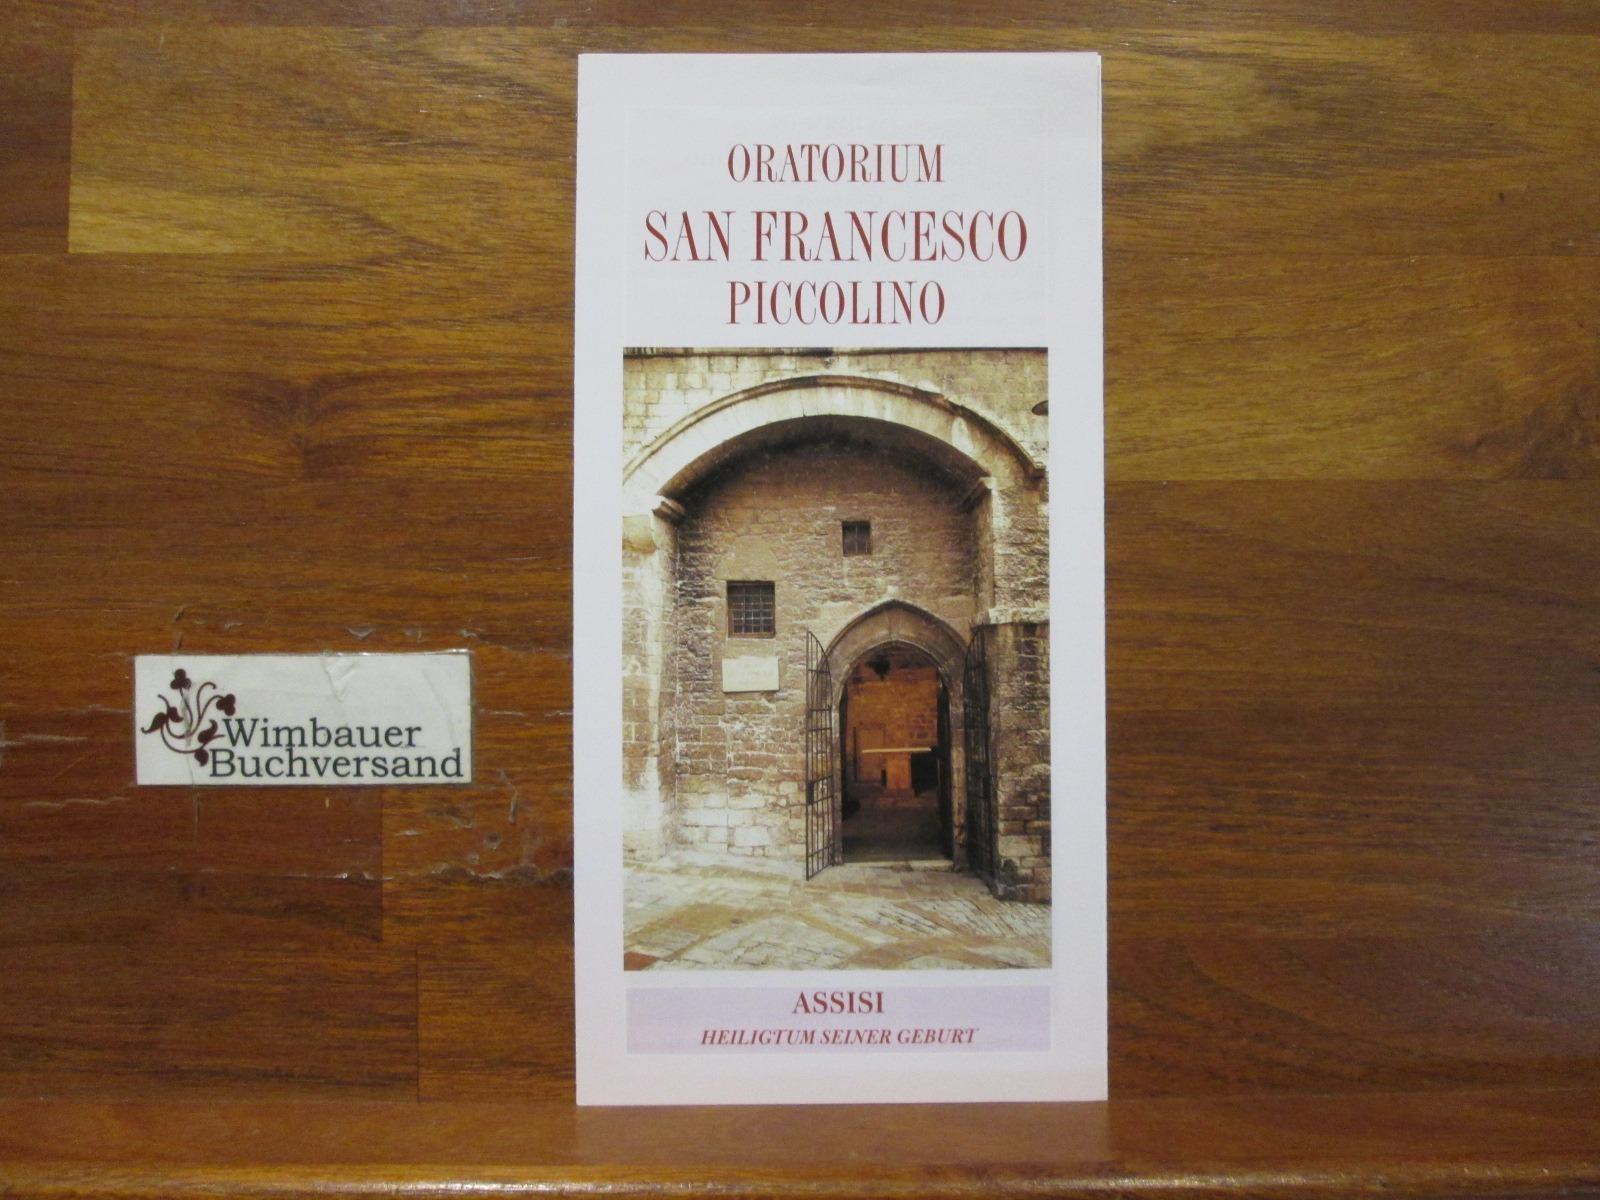 Prospekt: Oratorium San Francesco Piccolino. Assisi Heiligtum seiner Geburt